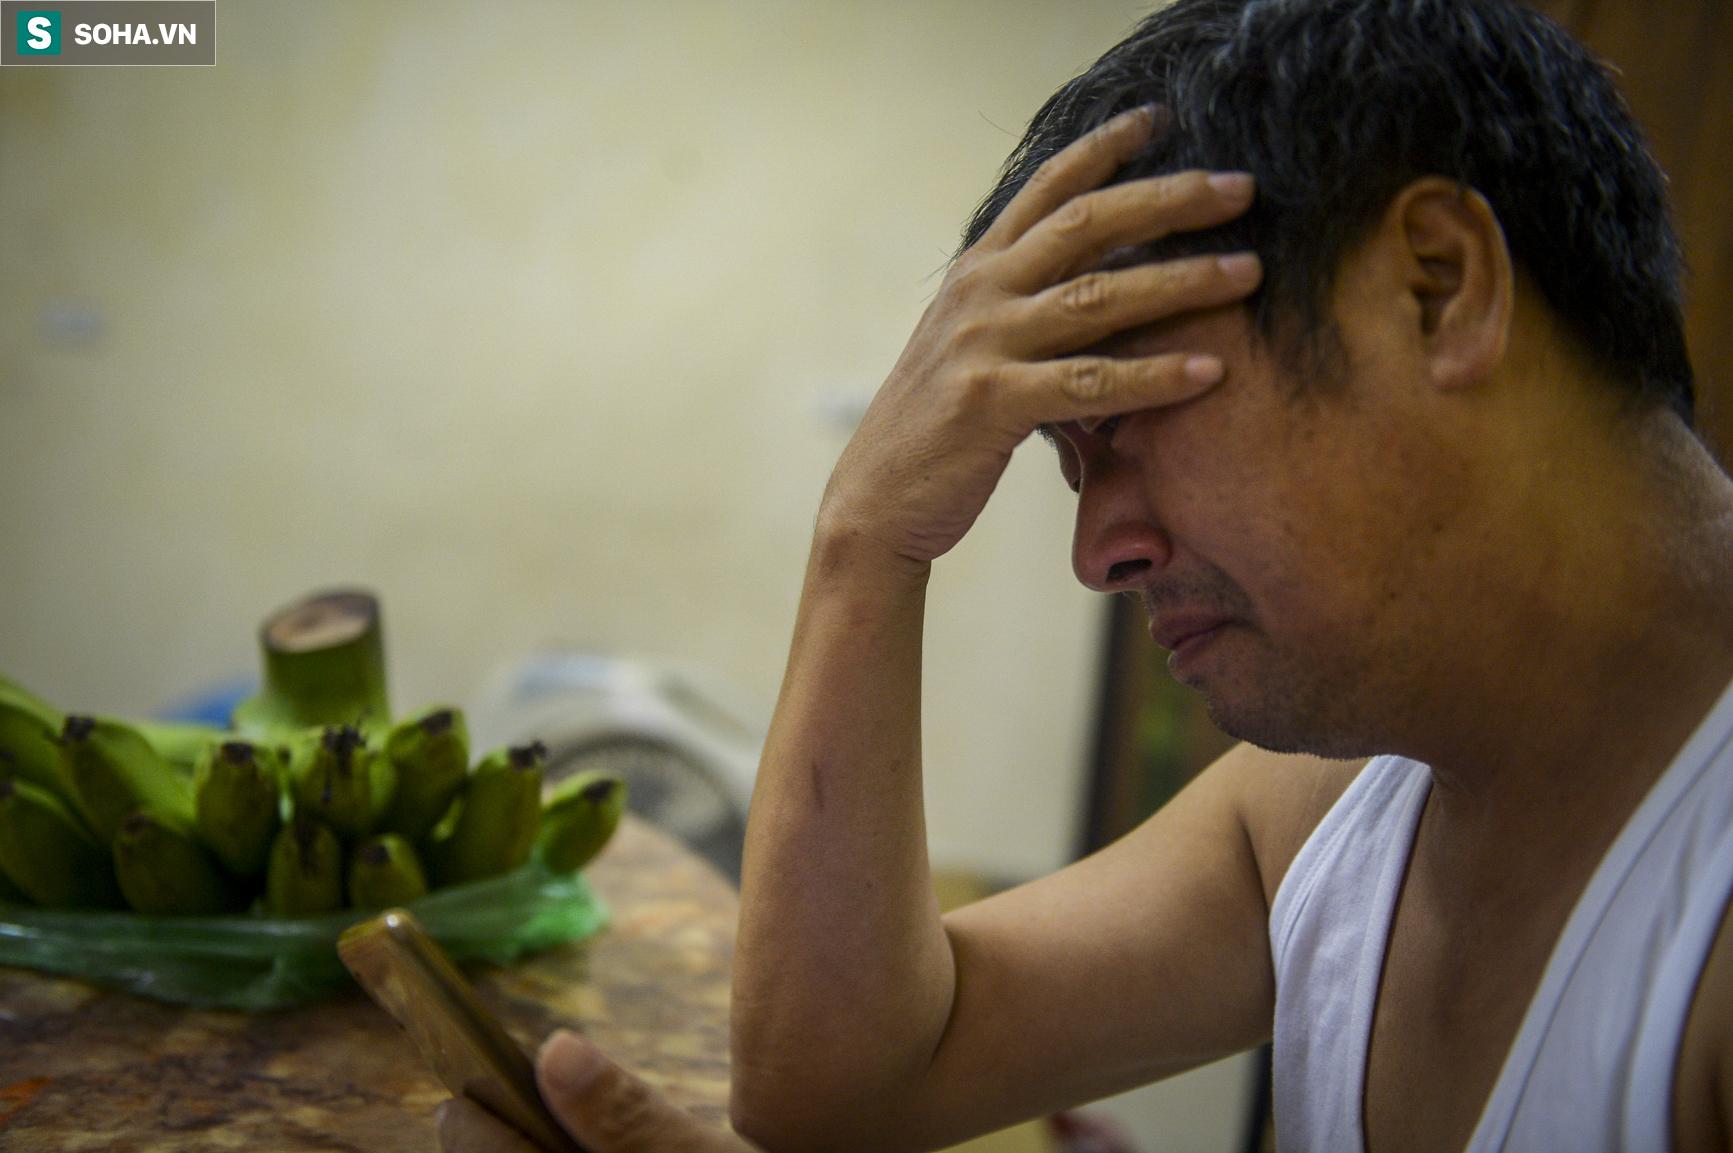 Người cha bật khóc trên sóng truyền hình: Tôi khóc do quá xúc động chứ không phải để xin điện thoại - Ảnh 5.